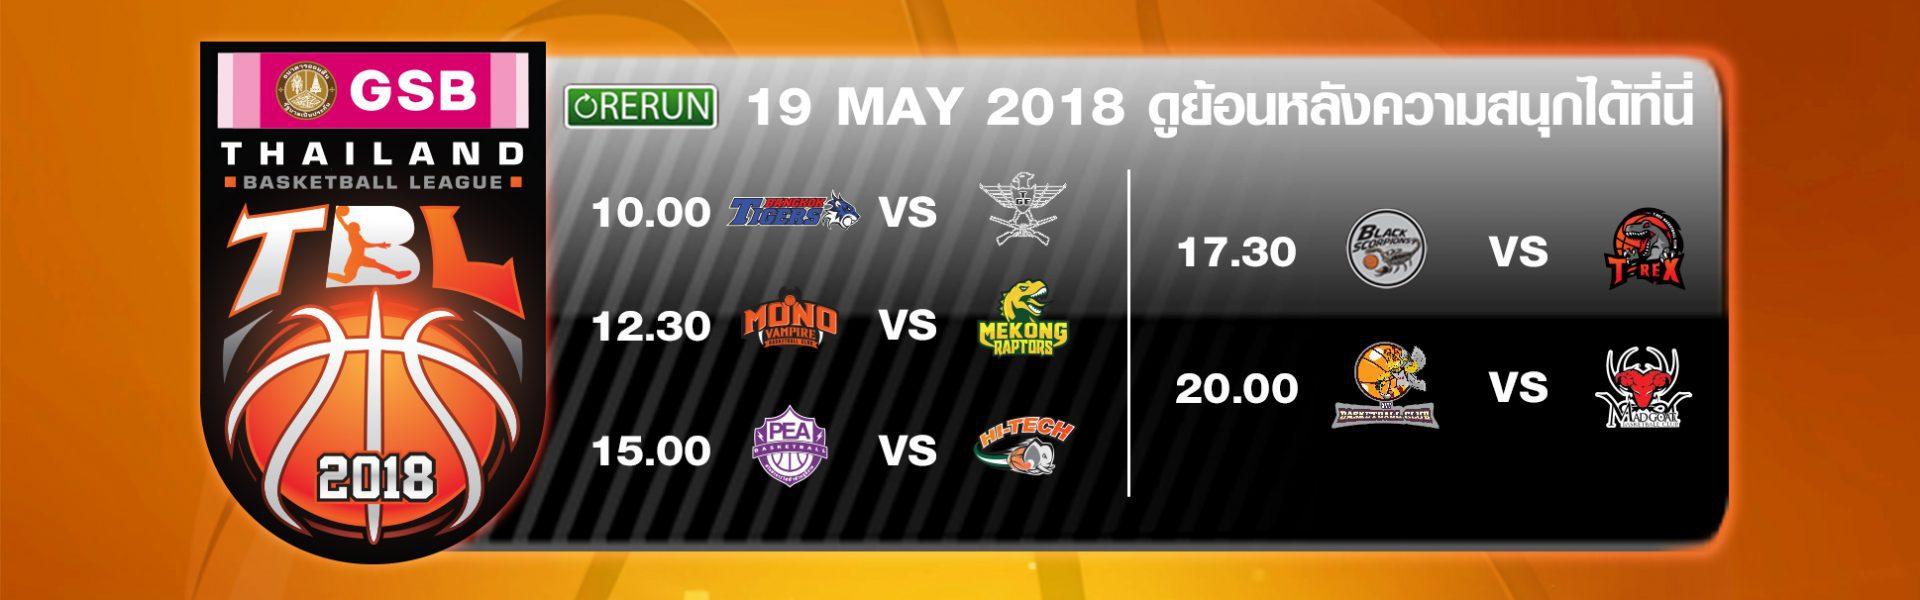 การเเข่งขันบาสเกตบอล GSB TBL2018 : Mono Vampire VS Mekong Raptors (19 May 2018)